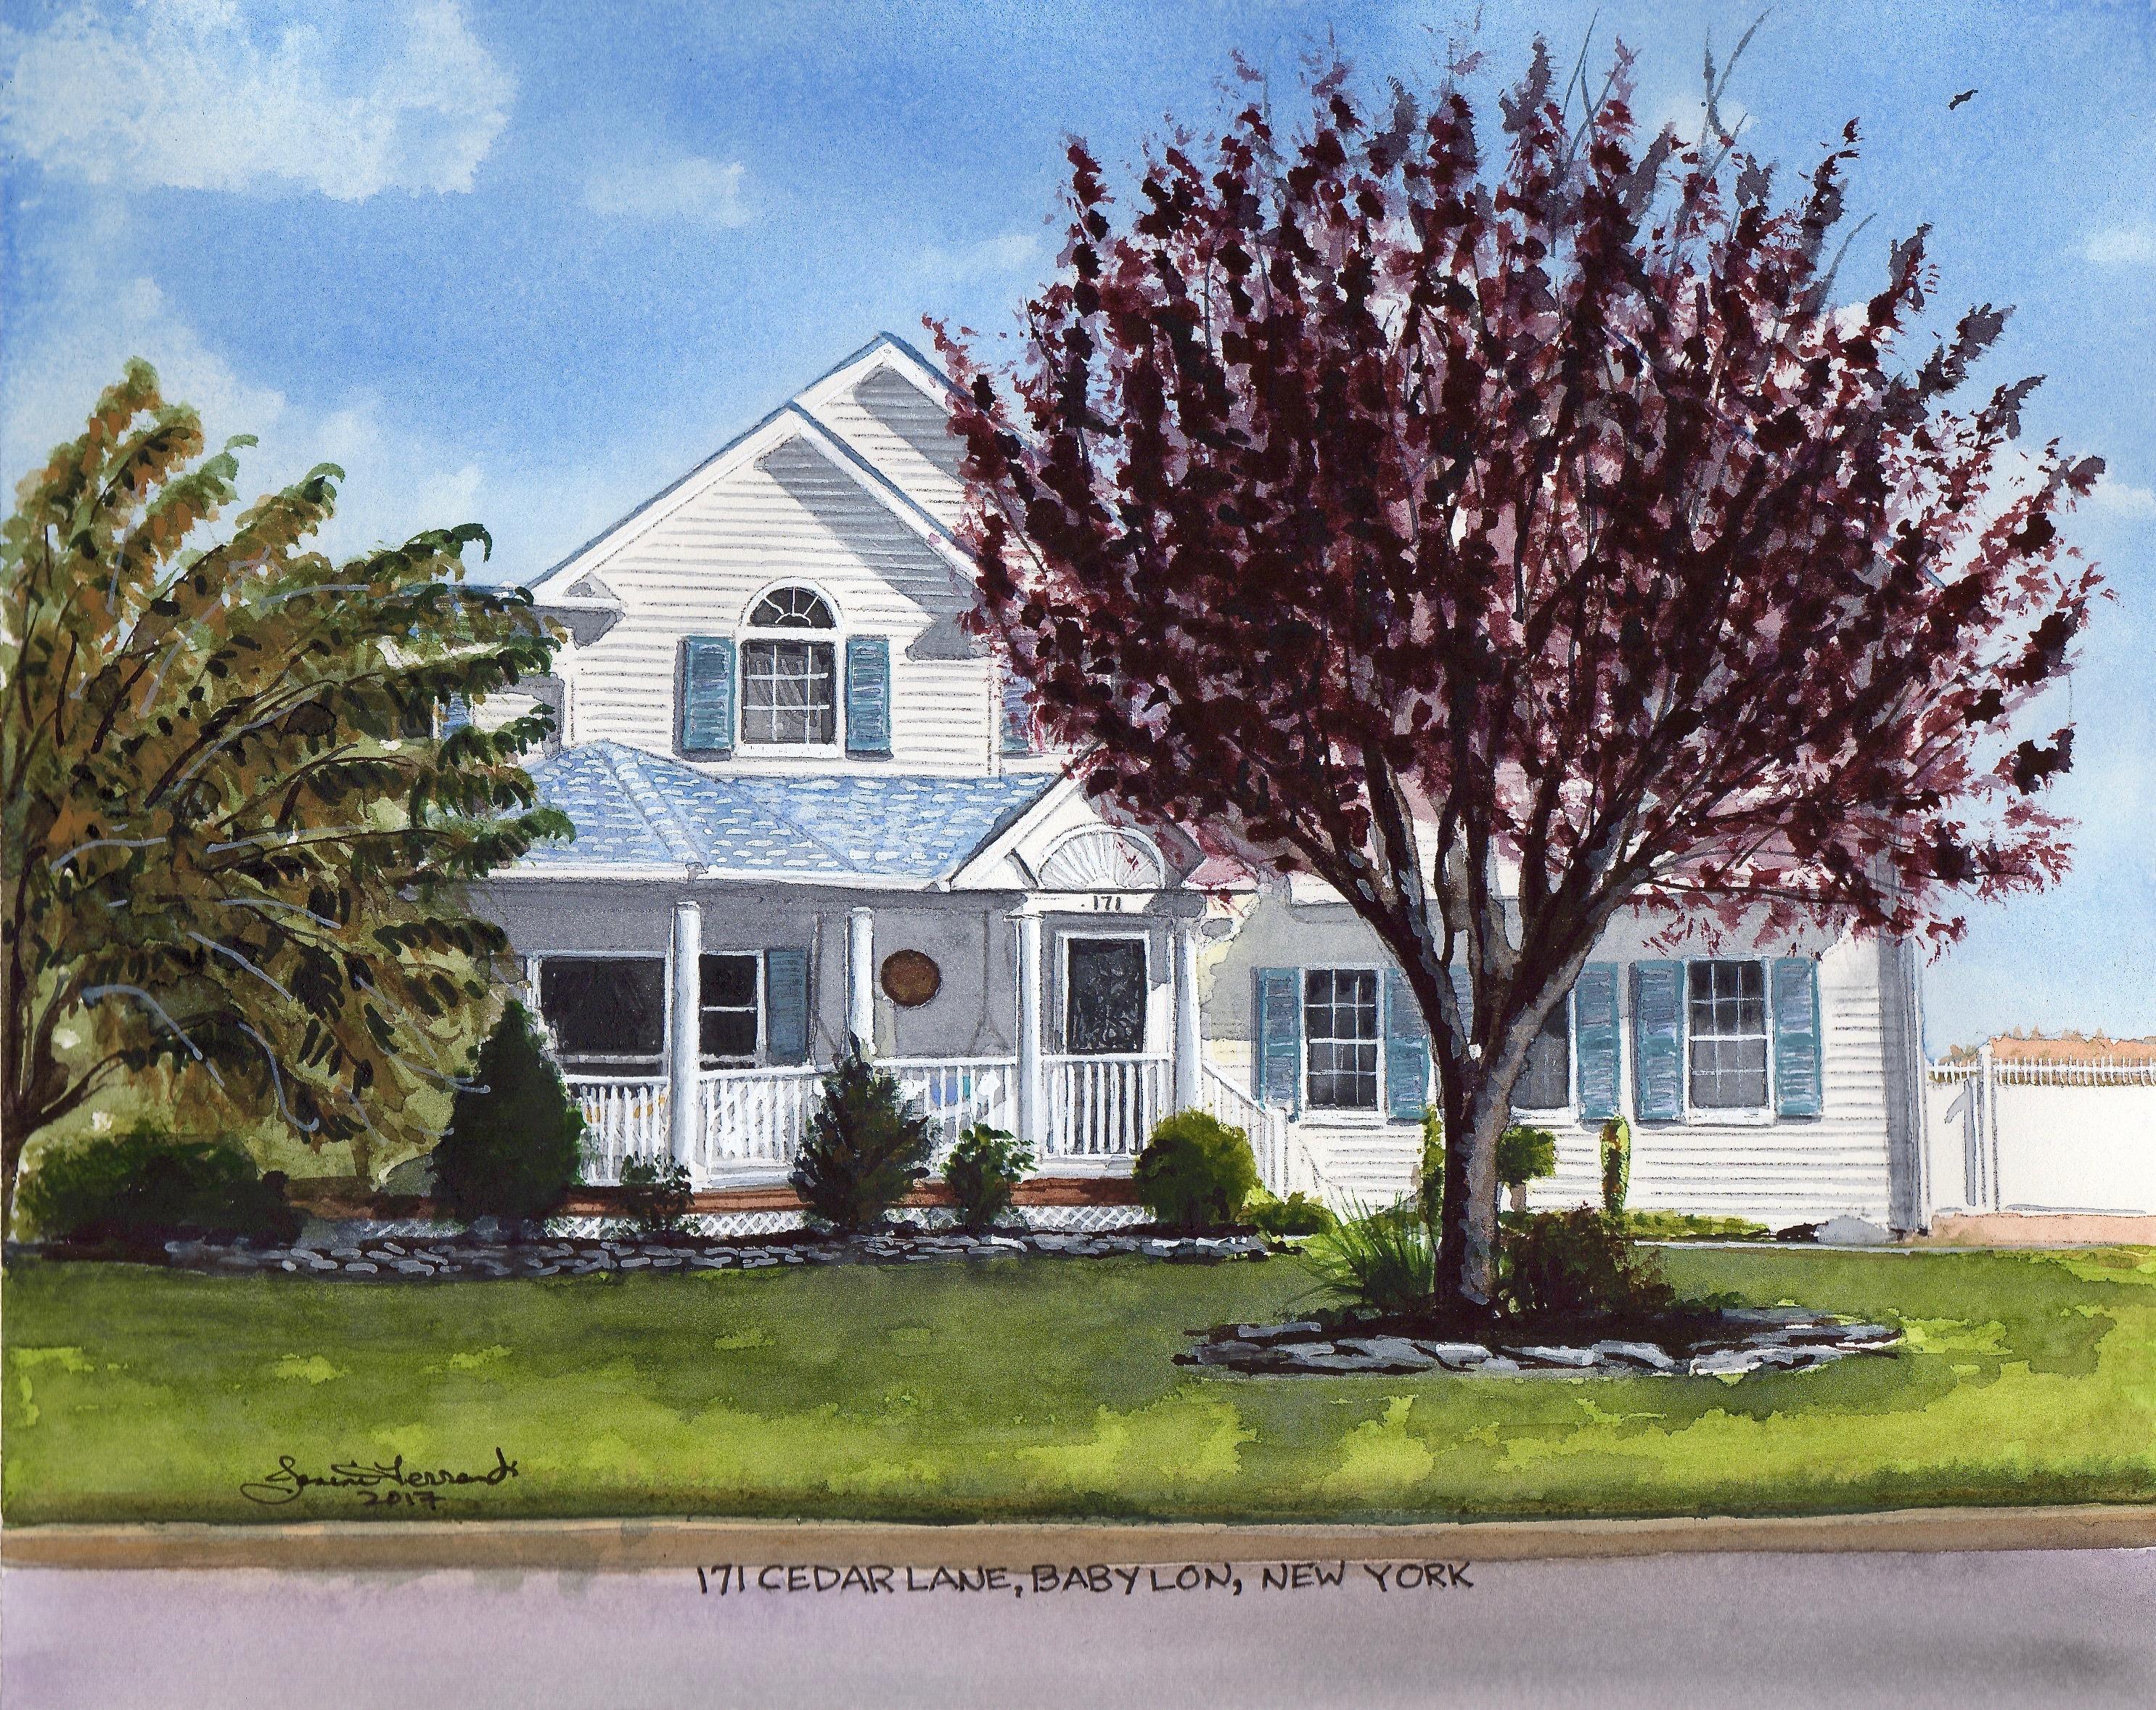 171 Cedar Lane